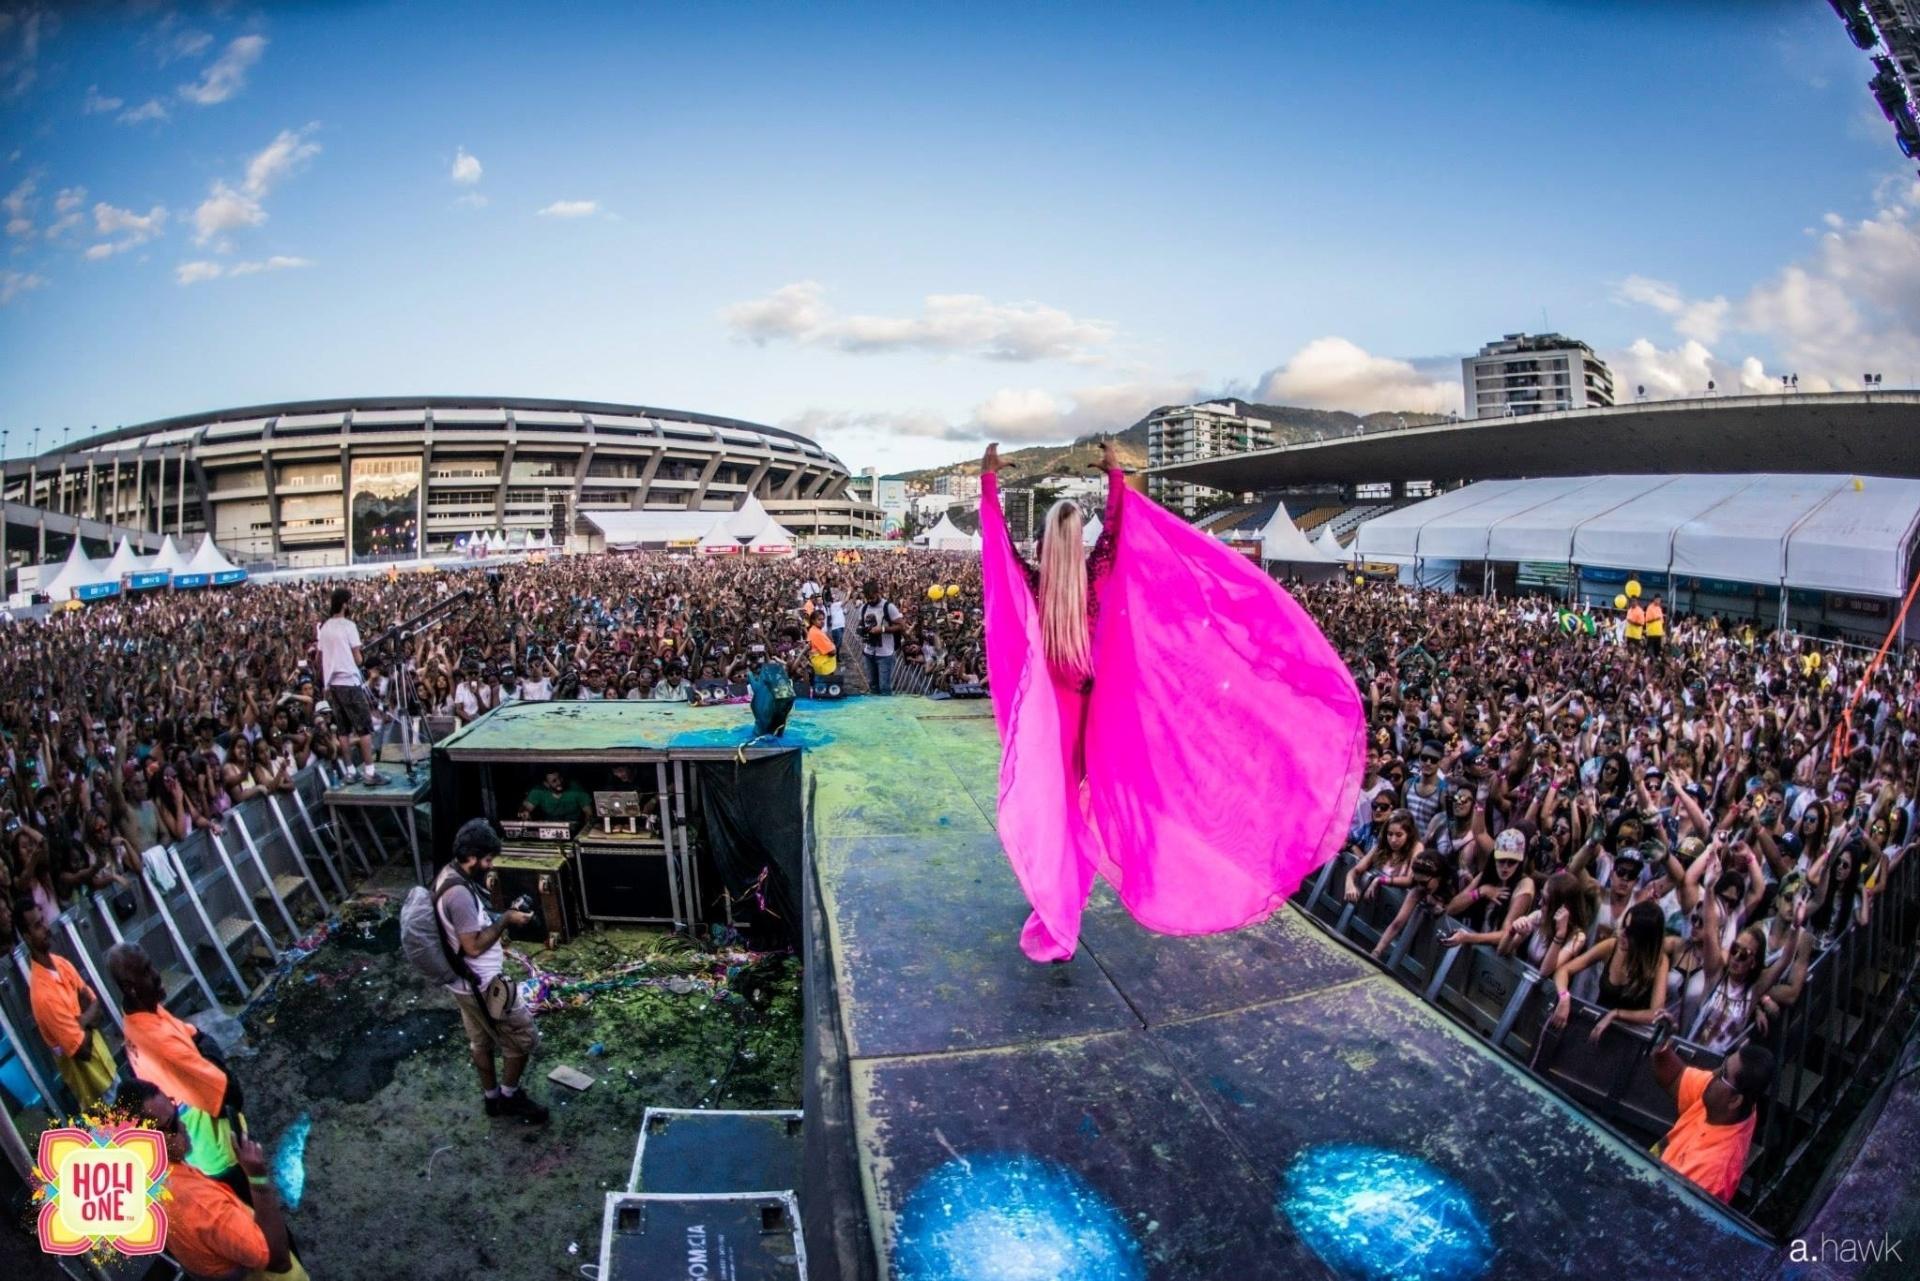 Festa Holi One no Maracanã. Junho de 2015